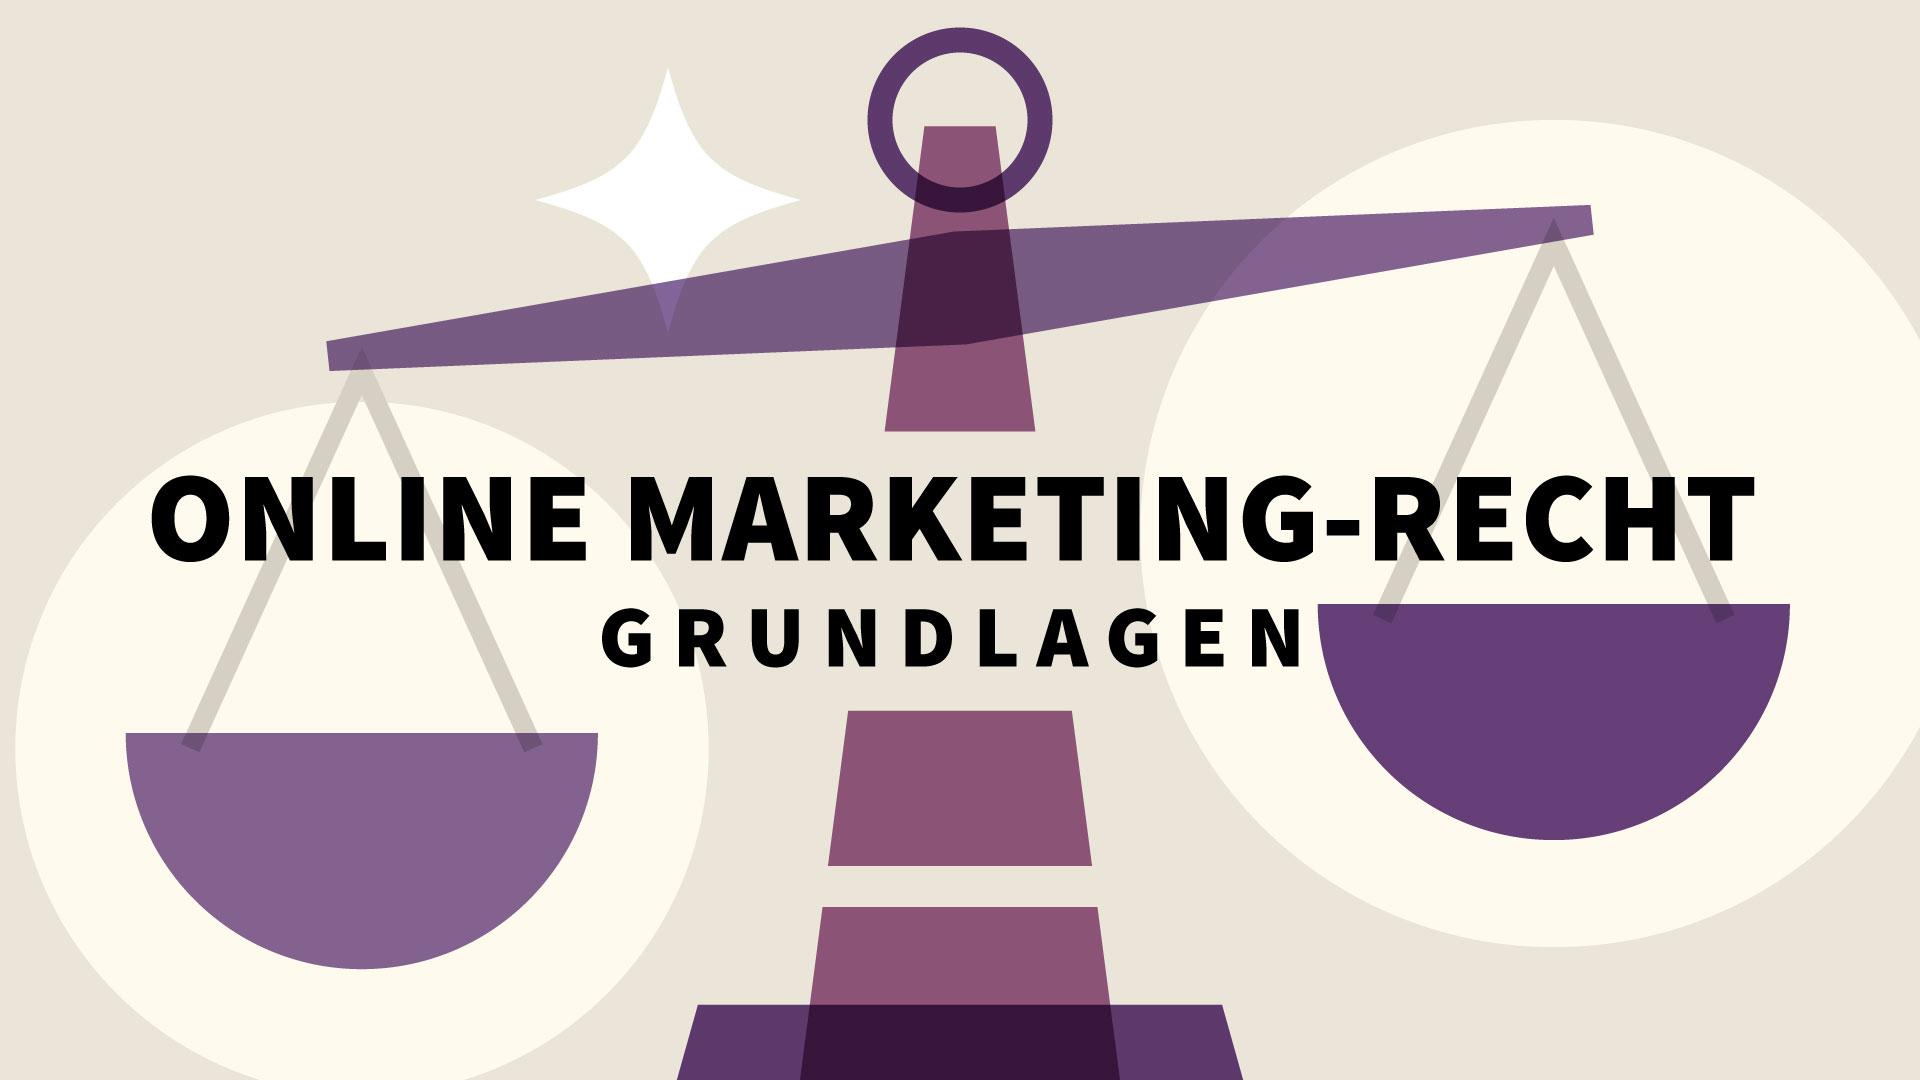 Online Marketing-Recht – Grundlagen